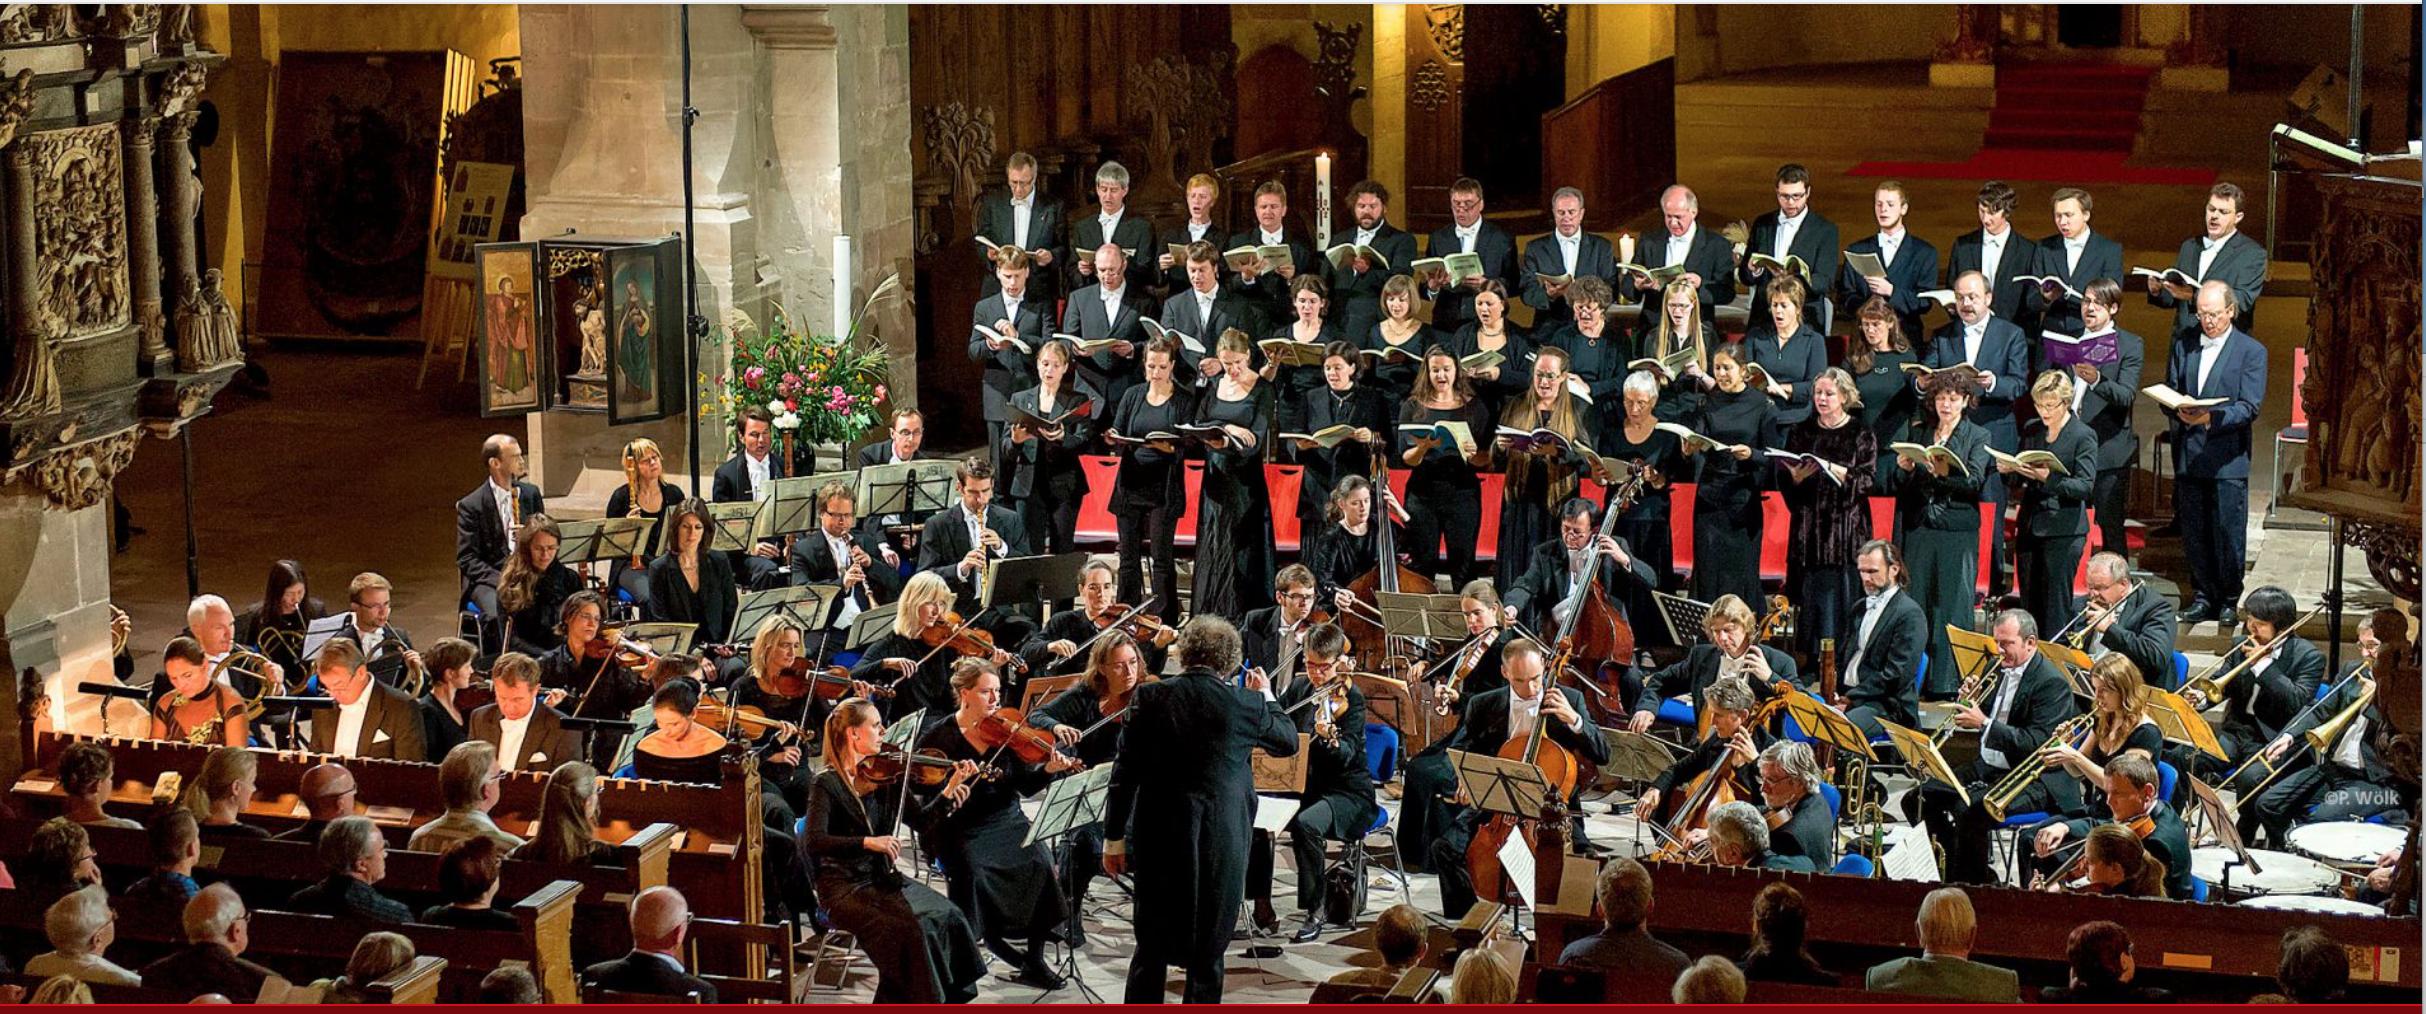 Merseburger-Dom-Musik und den Orgelklang 12 im Merseburger Dom.